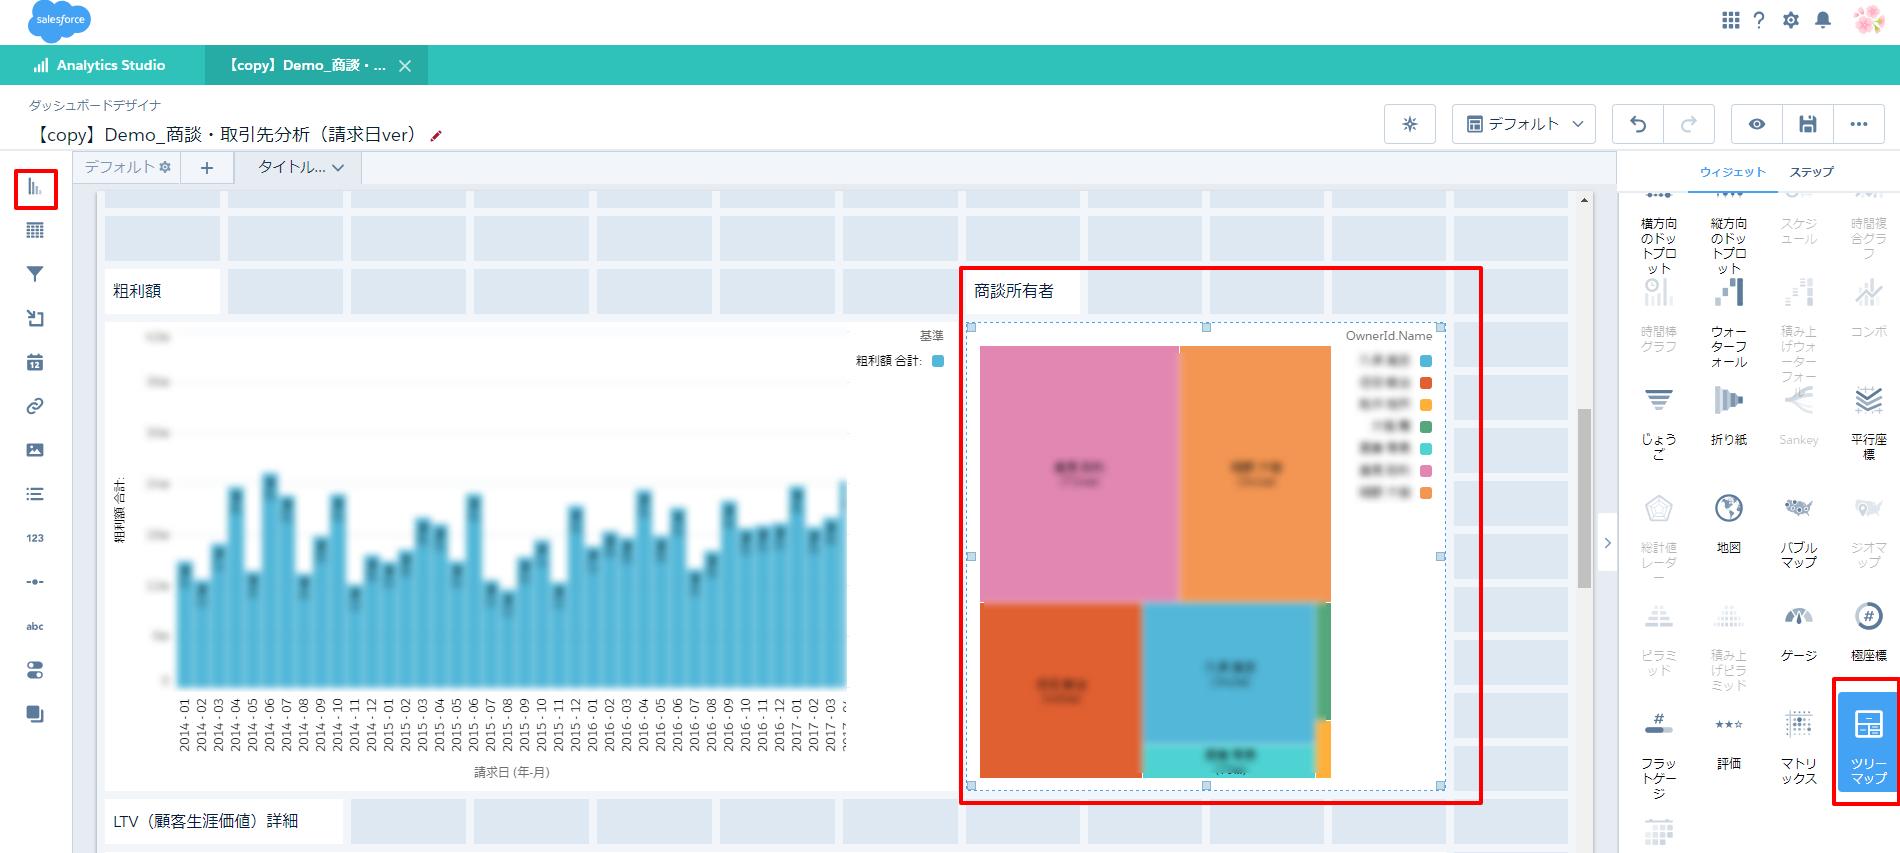 Einstein_Analytics_dashboard_howtomake_08_add